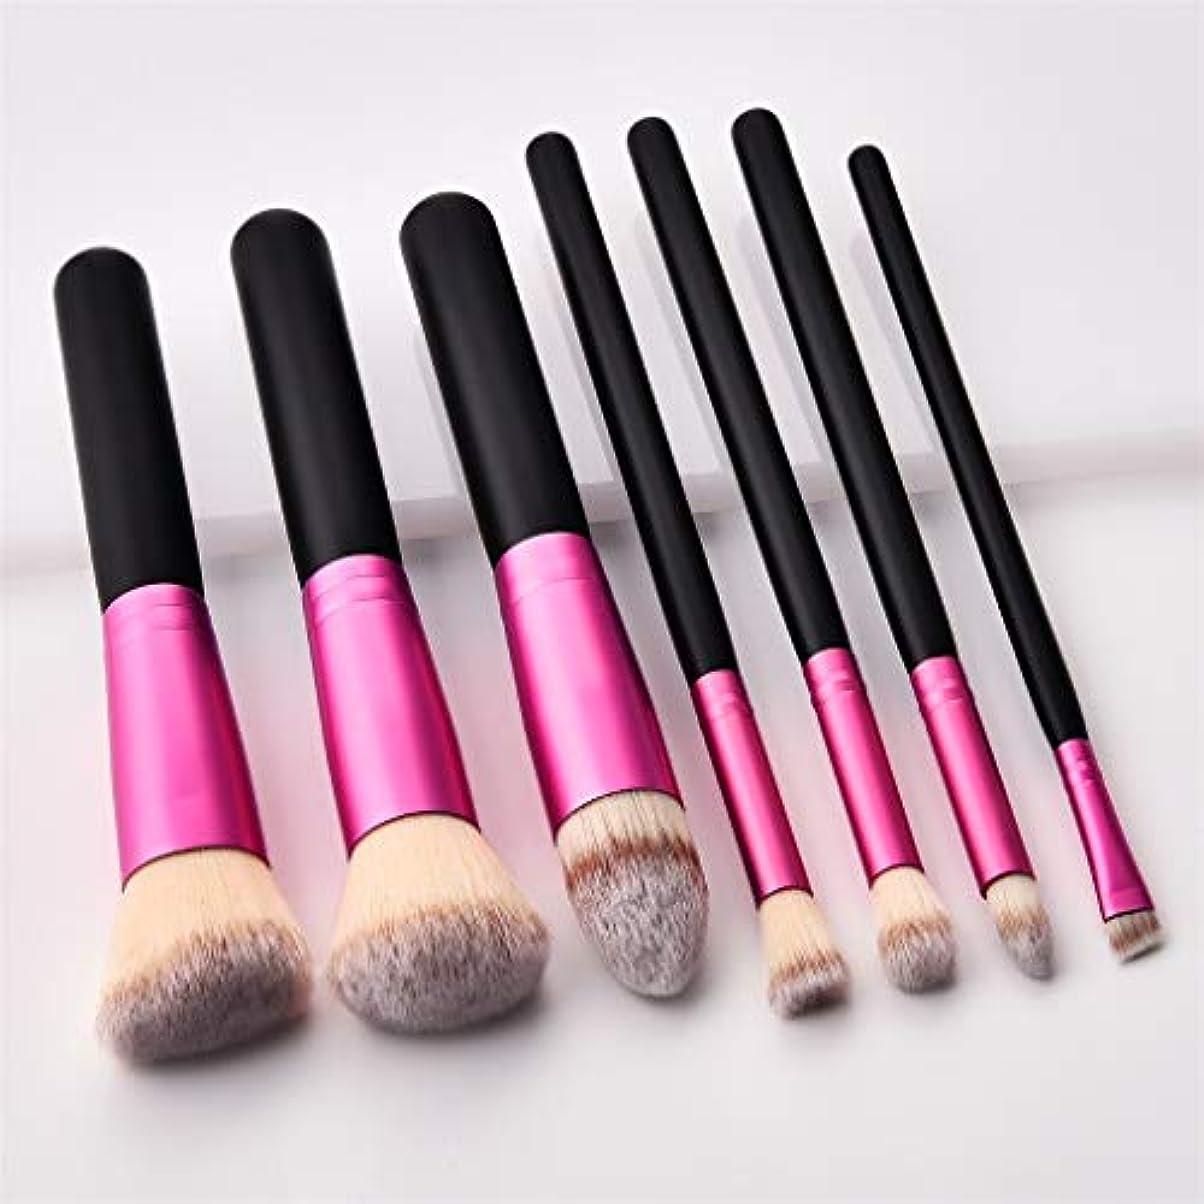 女優複合釈義Akane 7本 GUJHUI 上等 優雅 ピンク 綺麗 美感 便利 高級 魅力的 柔らかい たっぷり 多機能 おしゃれ 激安 日常 仕事 Makeup Brush メイクアップブラシ T-07-060